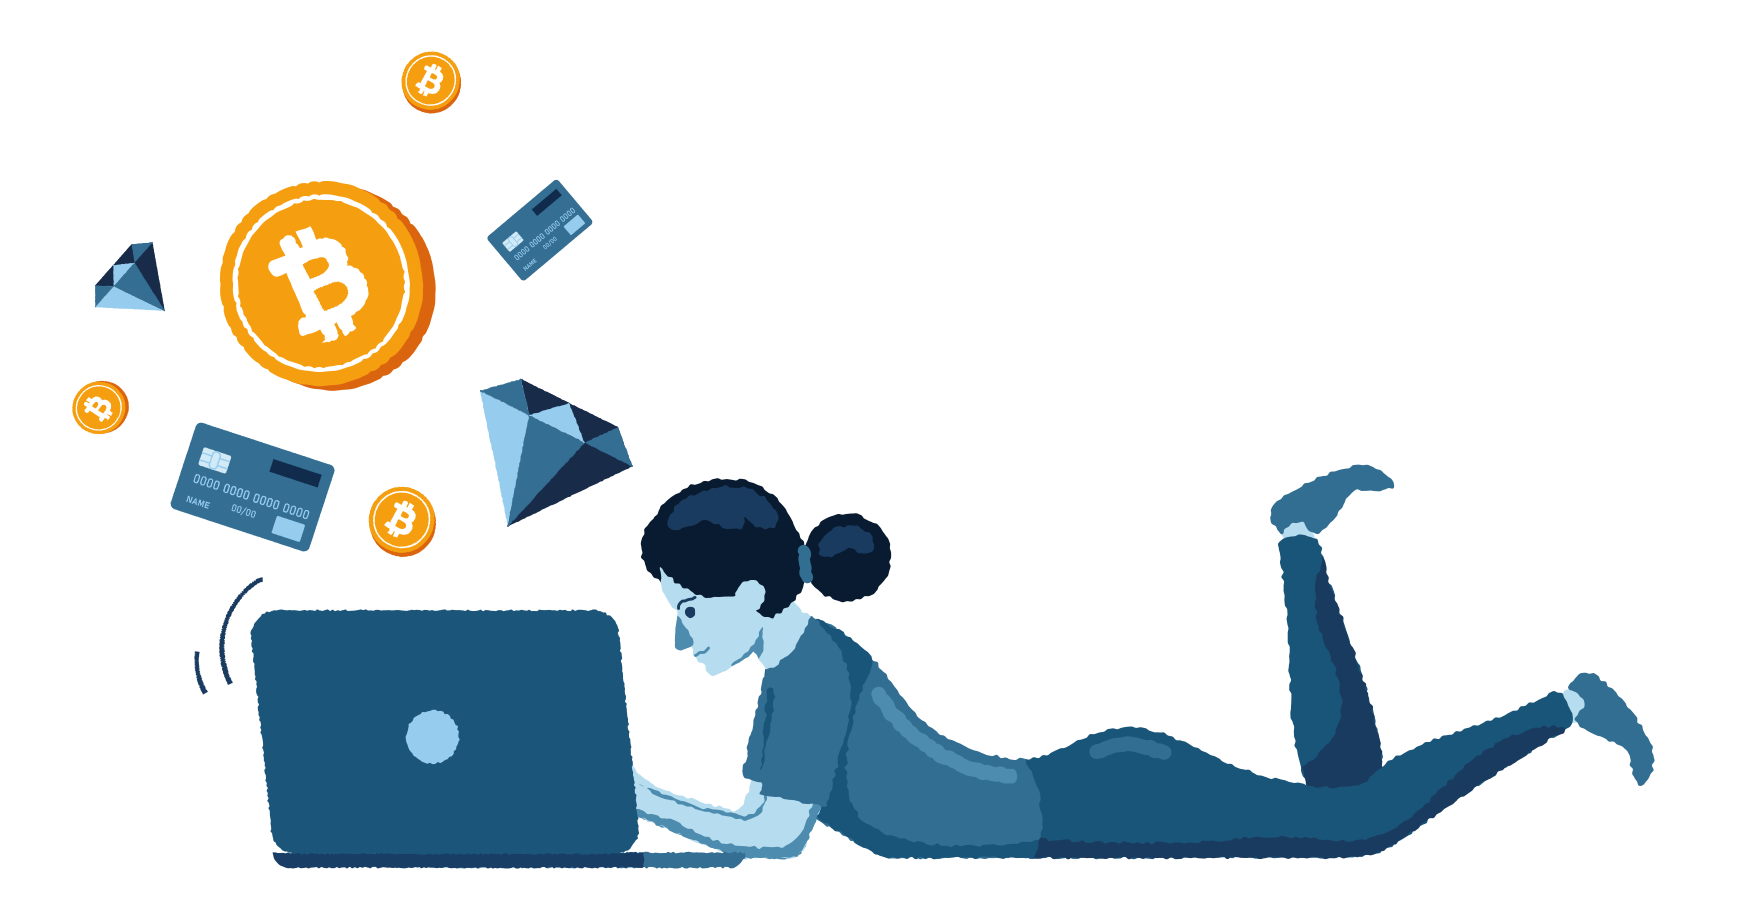 开源项目如何盈利